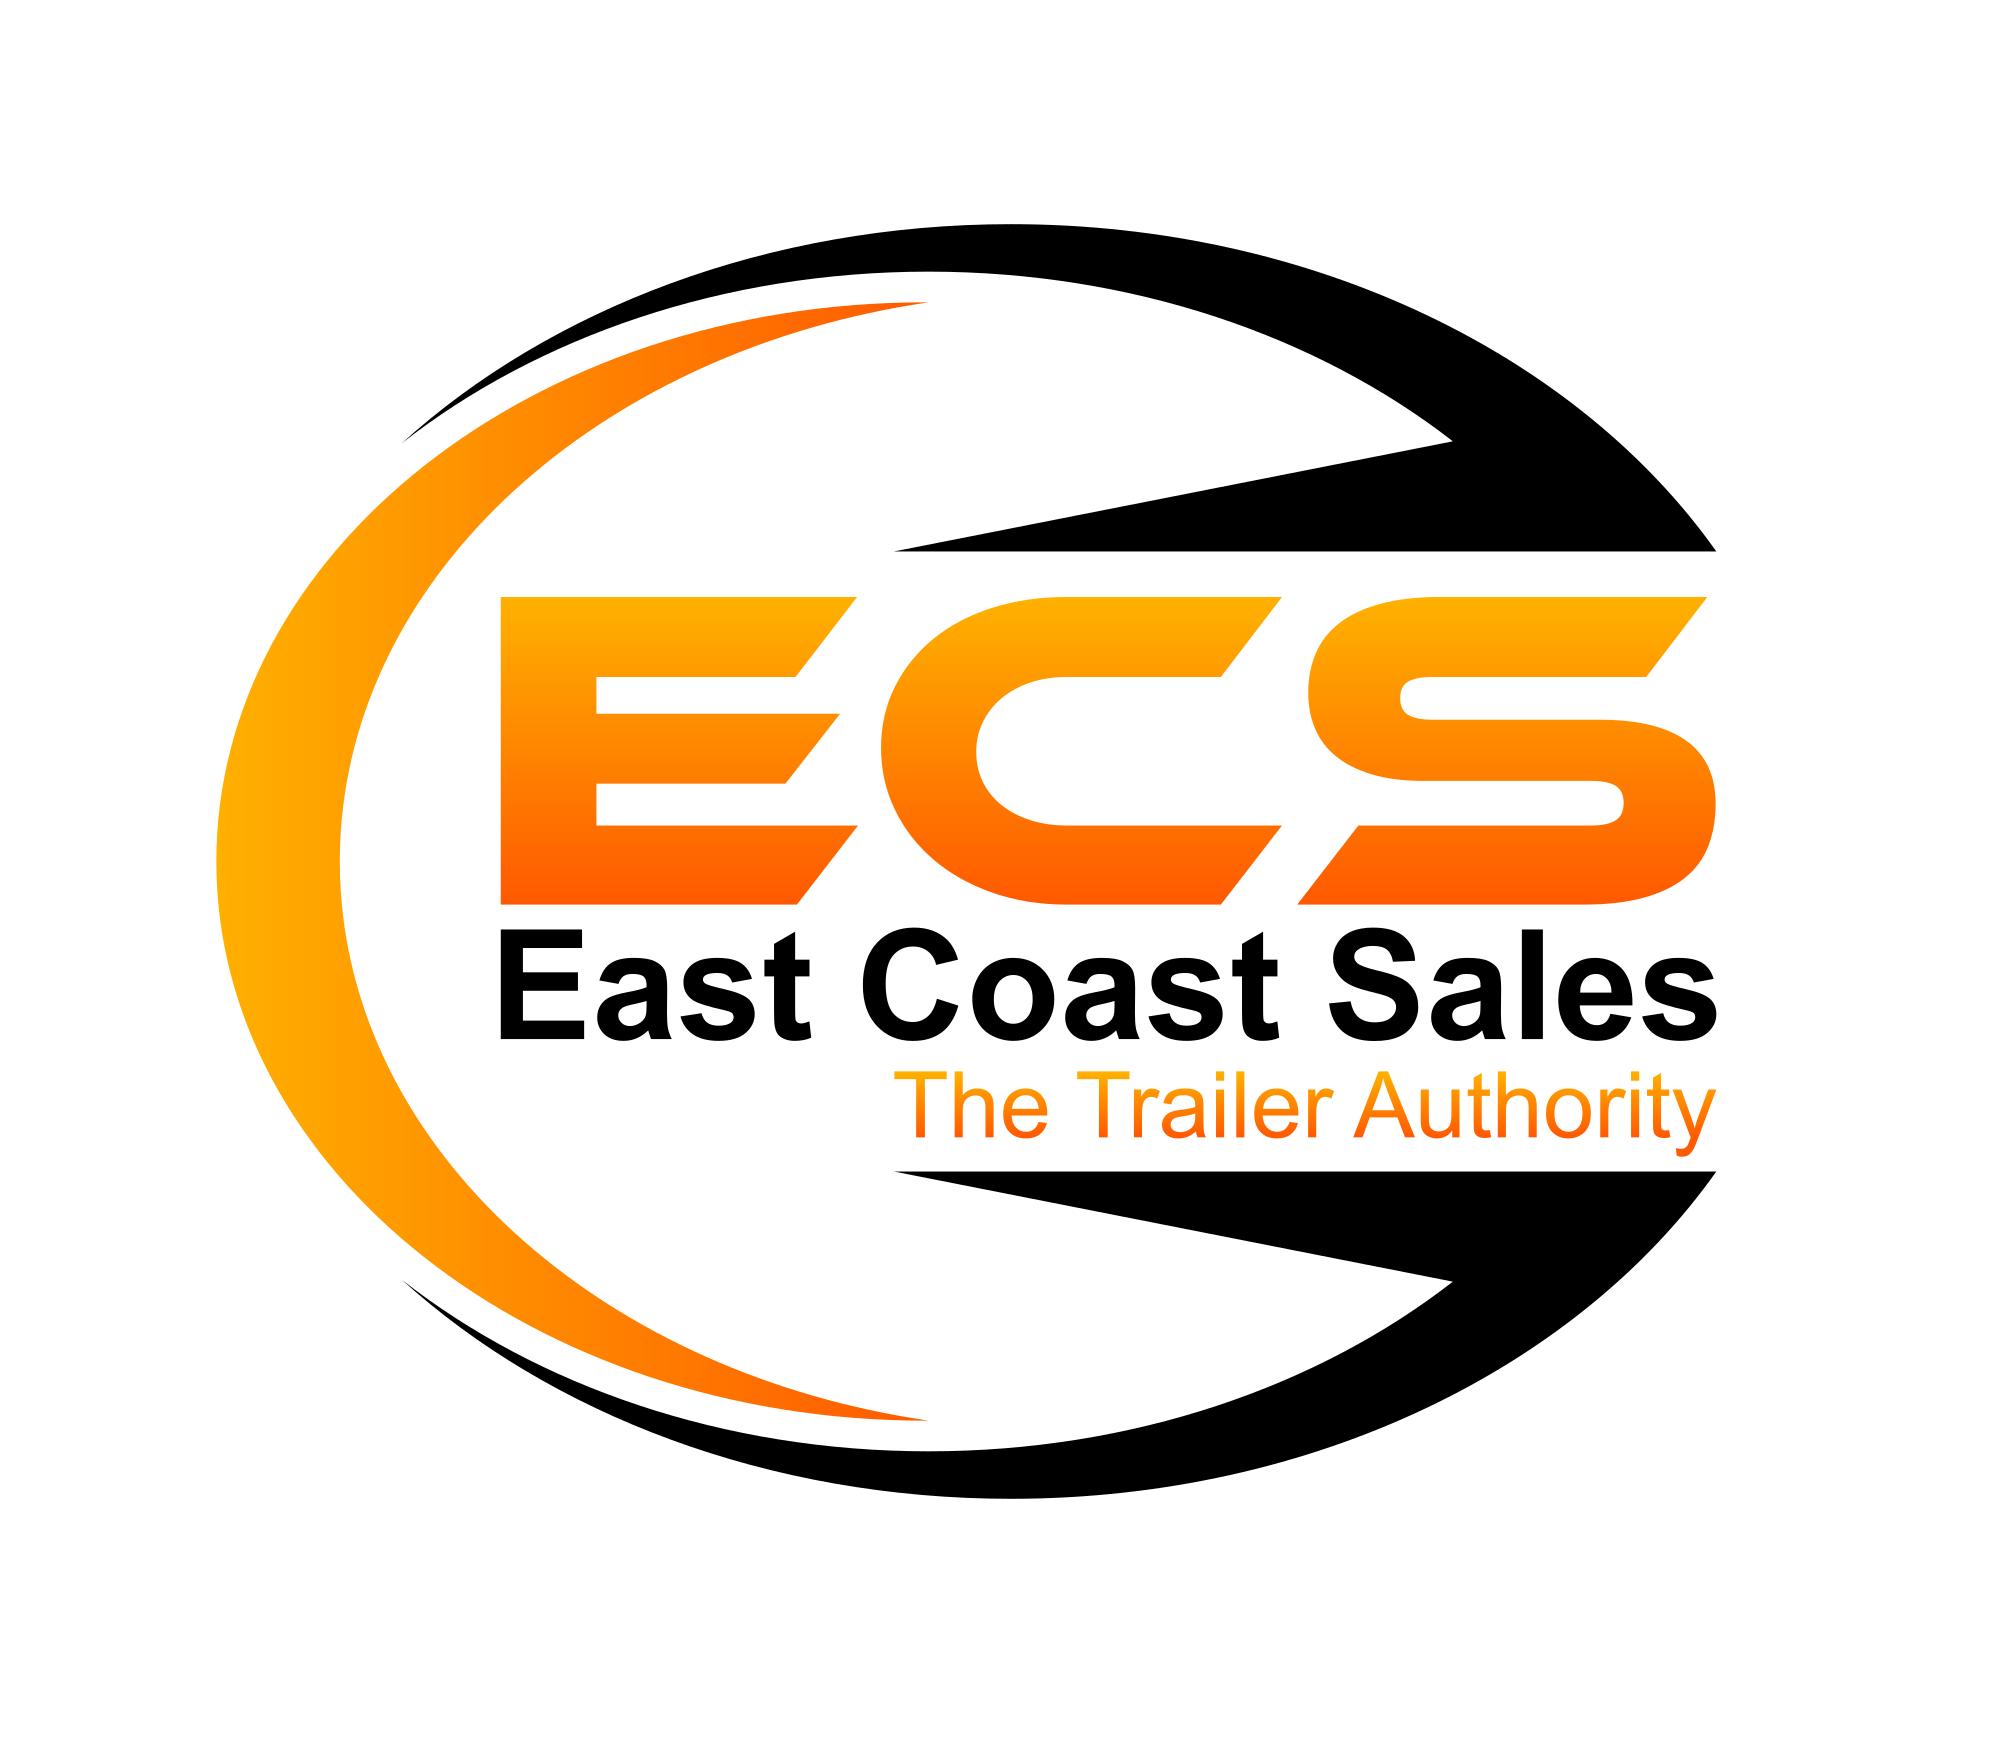 East Coast Sales